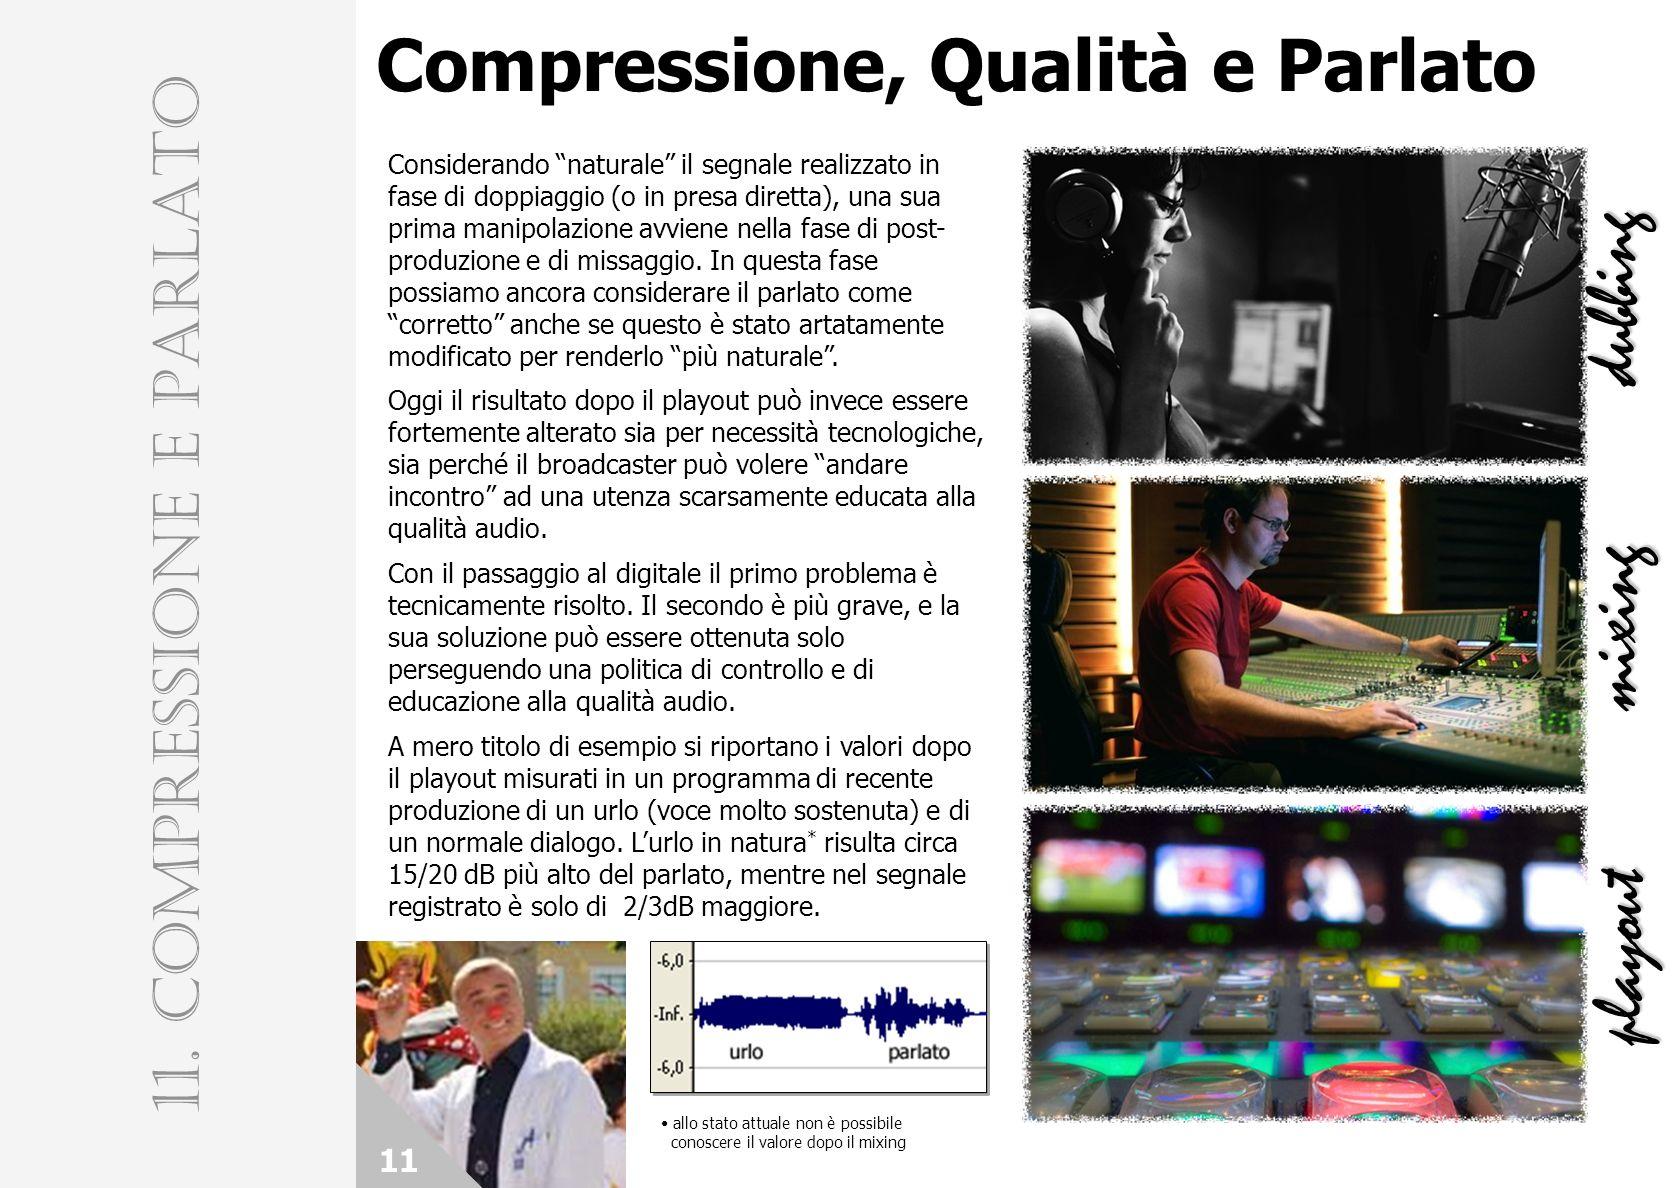 11. COMPRESSIONE E PARLATO